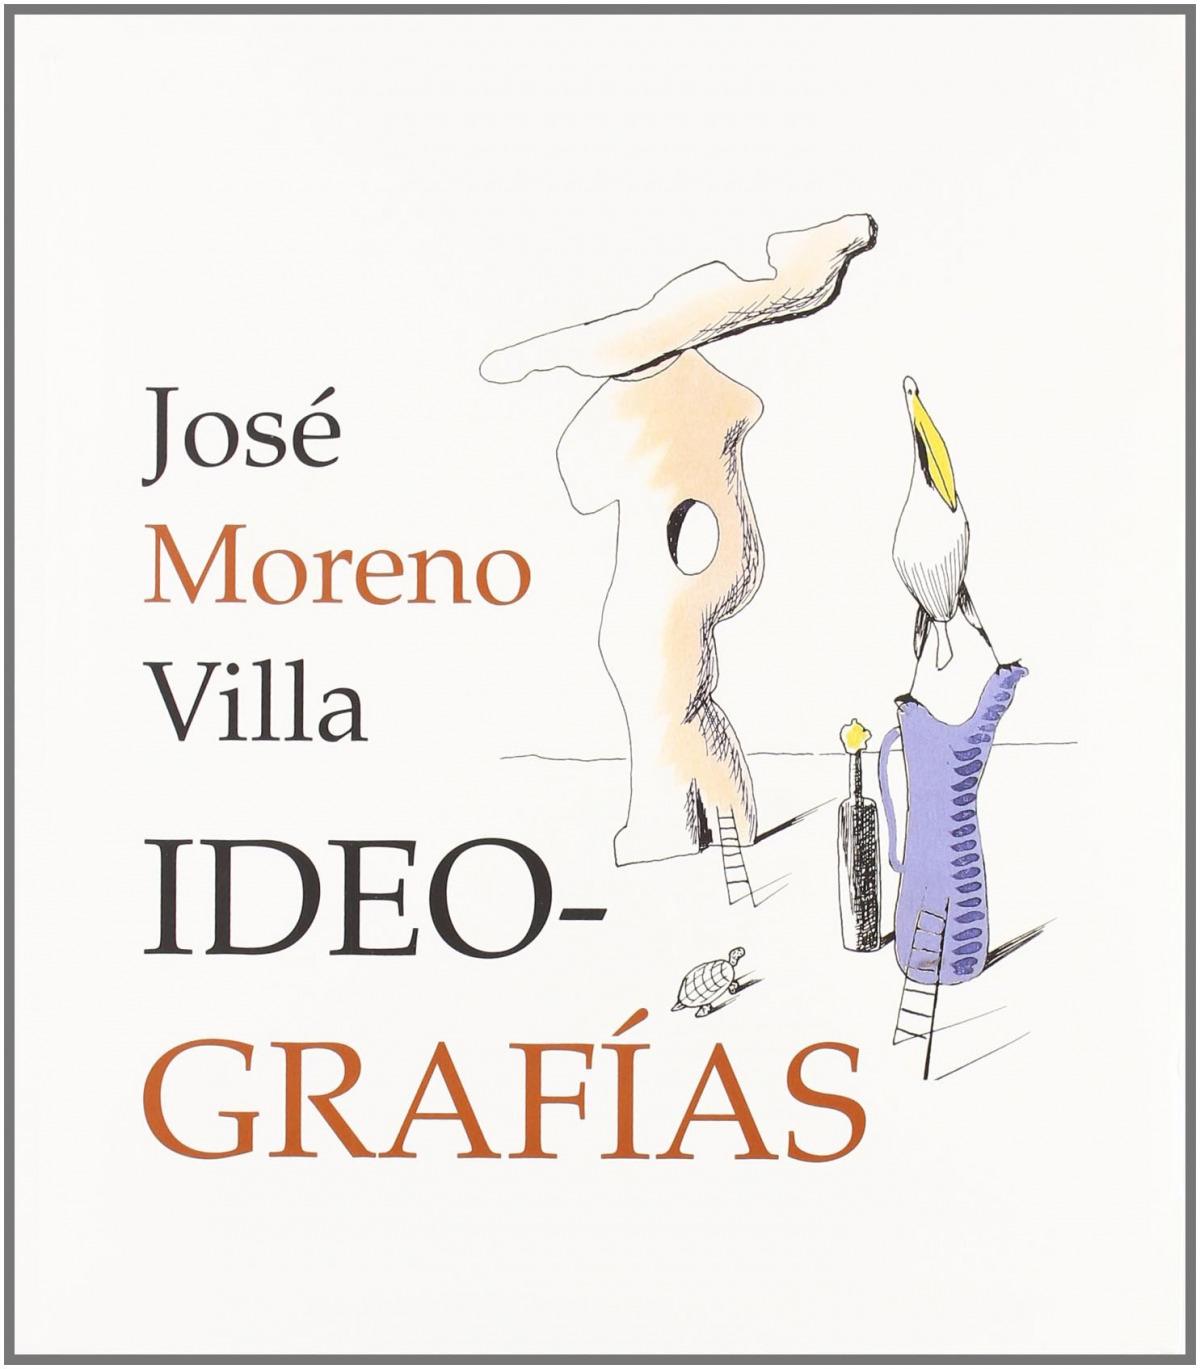 Ideografas jose moreno villa - Moreno Villa, Jose